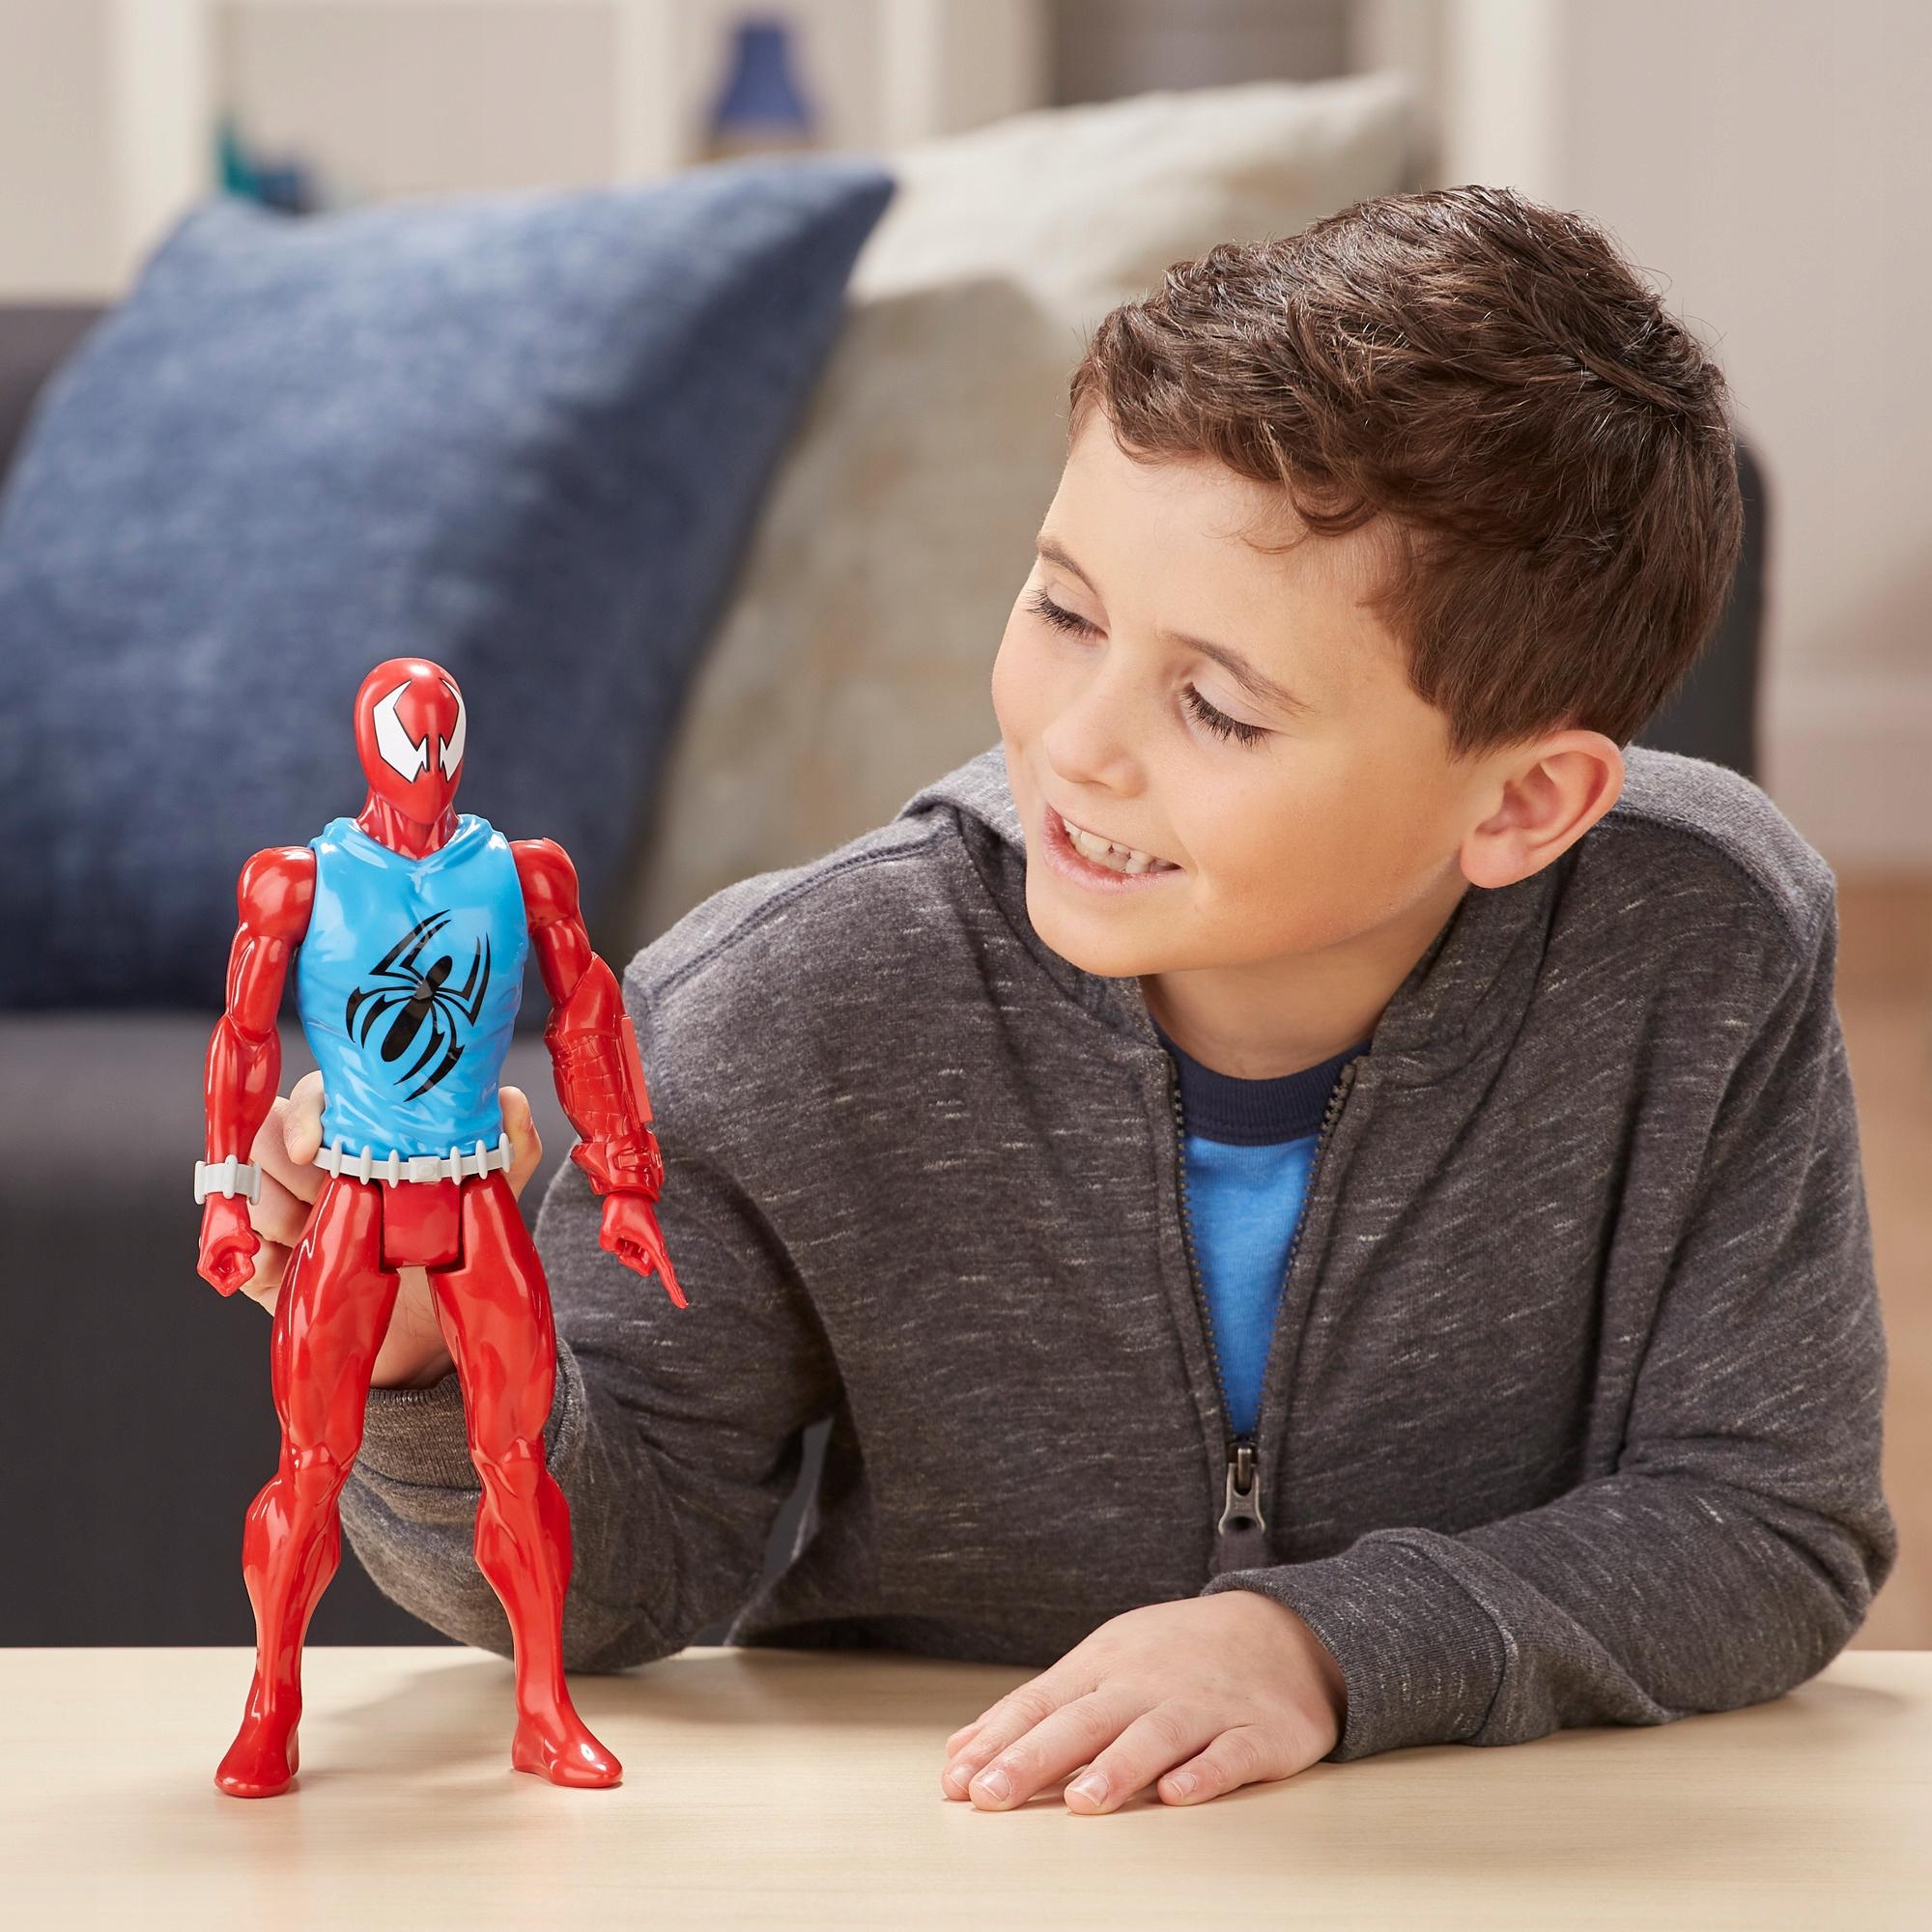 HASBRO SCARLET SPIDER SPIDERMAN RUCH. FIGURKA 30cm Typ figurka